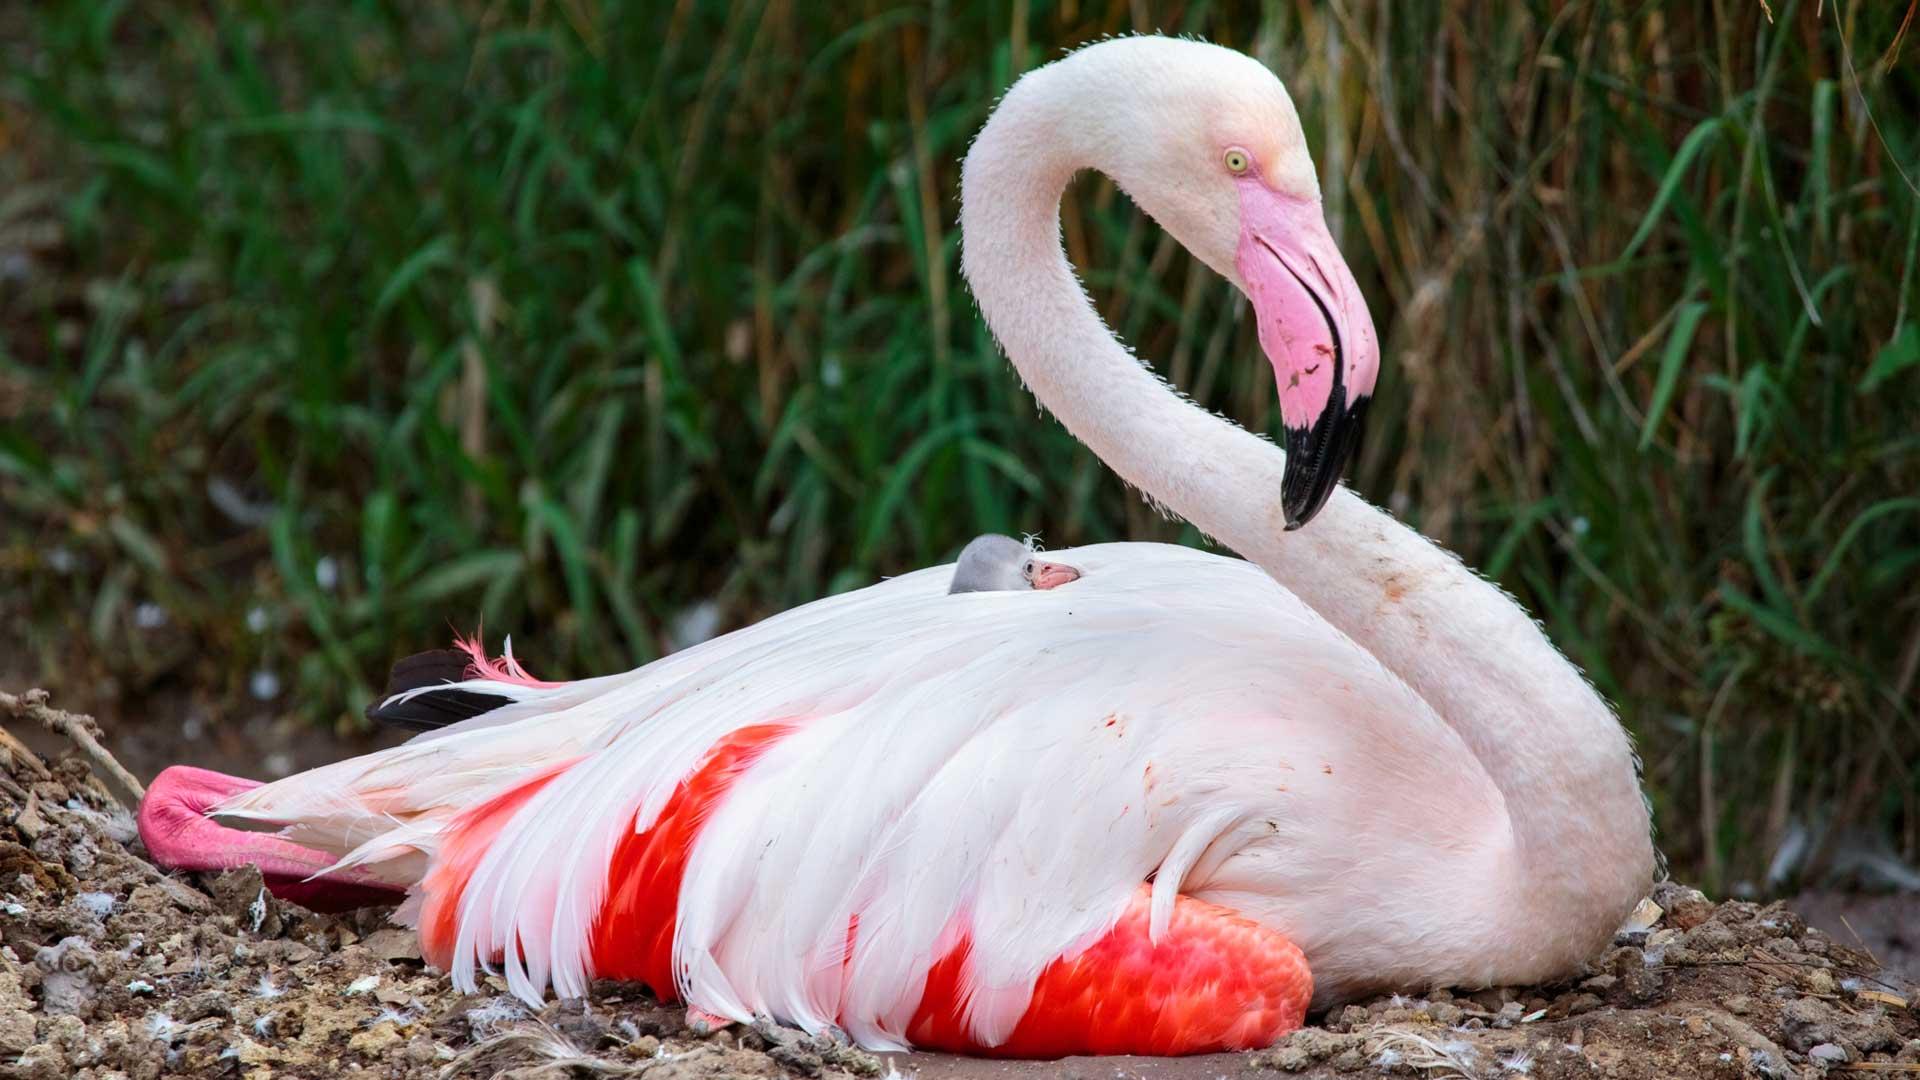 Chim hồng hạc sống ở đâu hình ảnh đẹp nhất